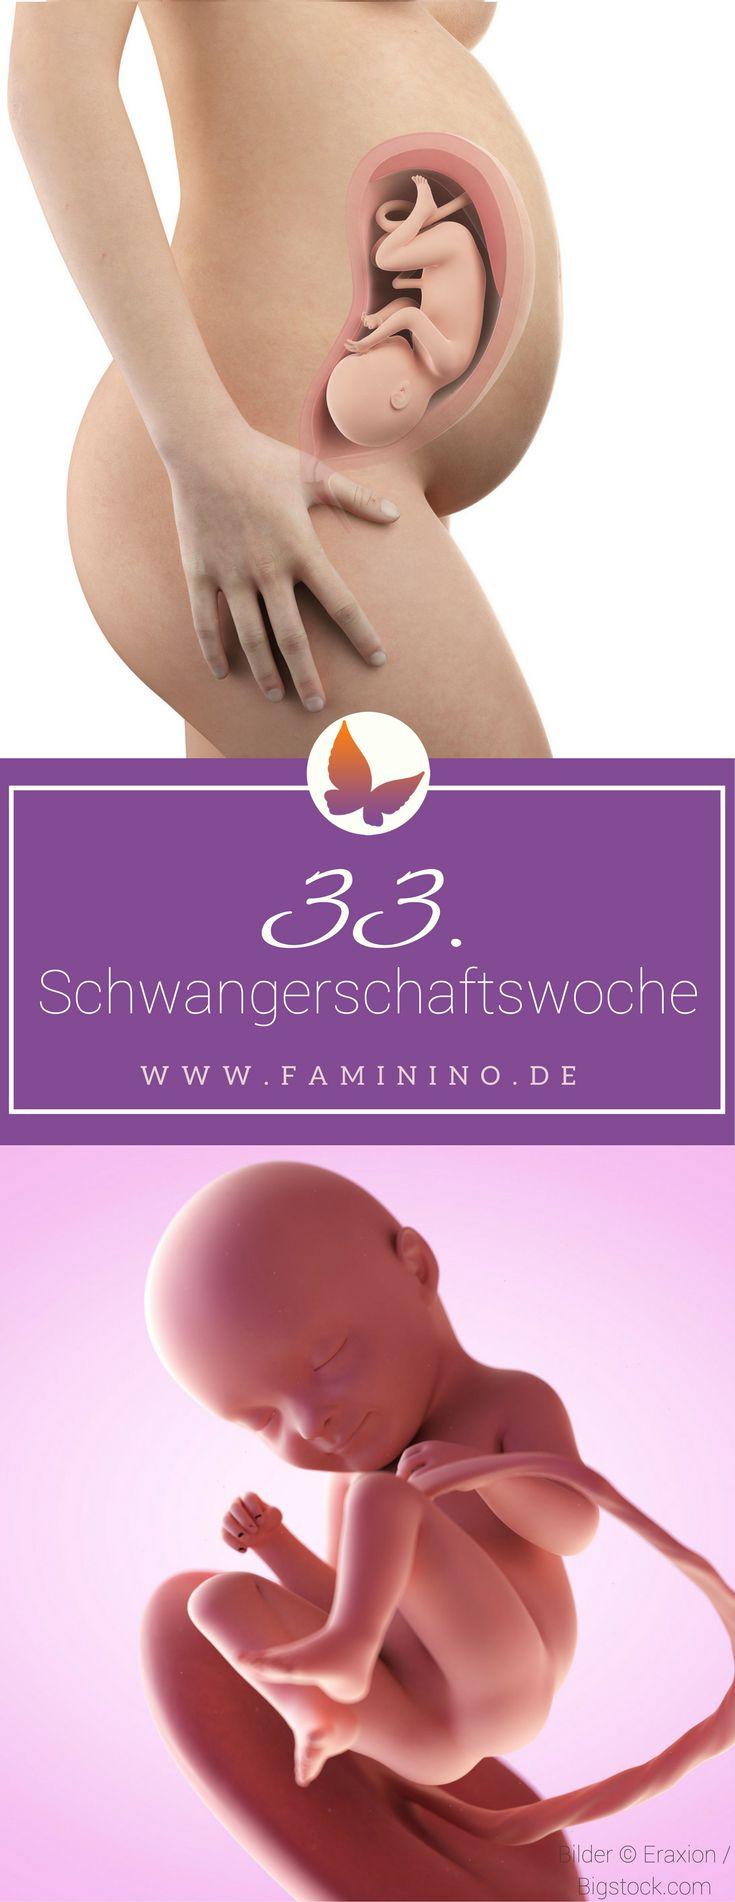 33. SSW (Schwangerschaftswoche): Dein Baby, dein Körper, Beschwerden und mehr